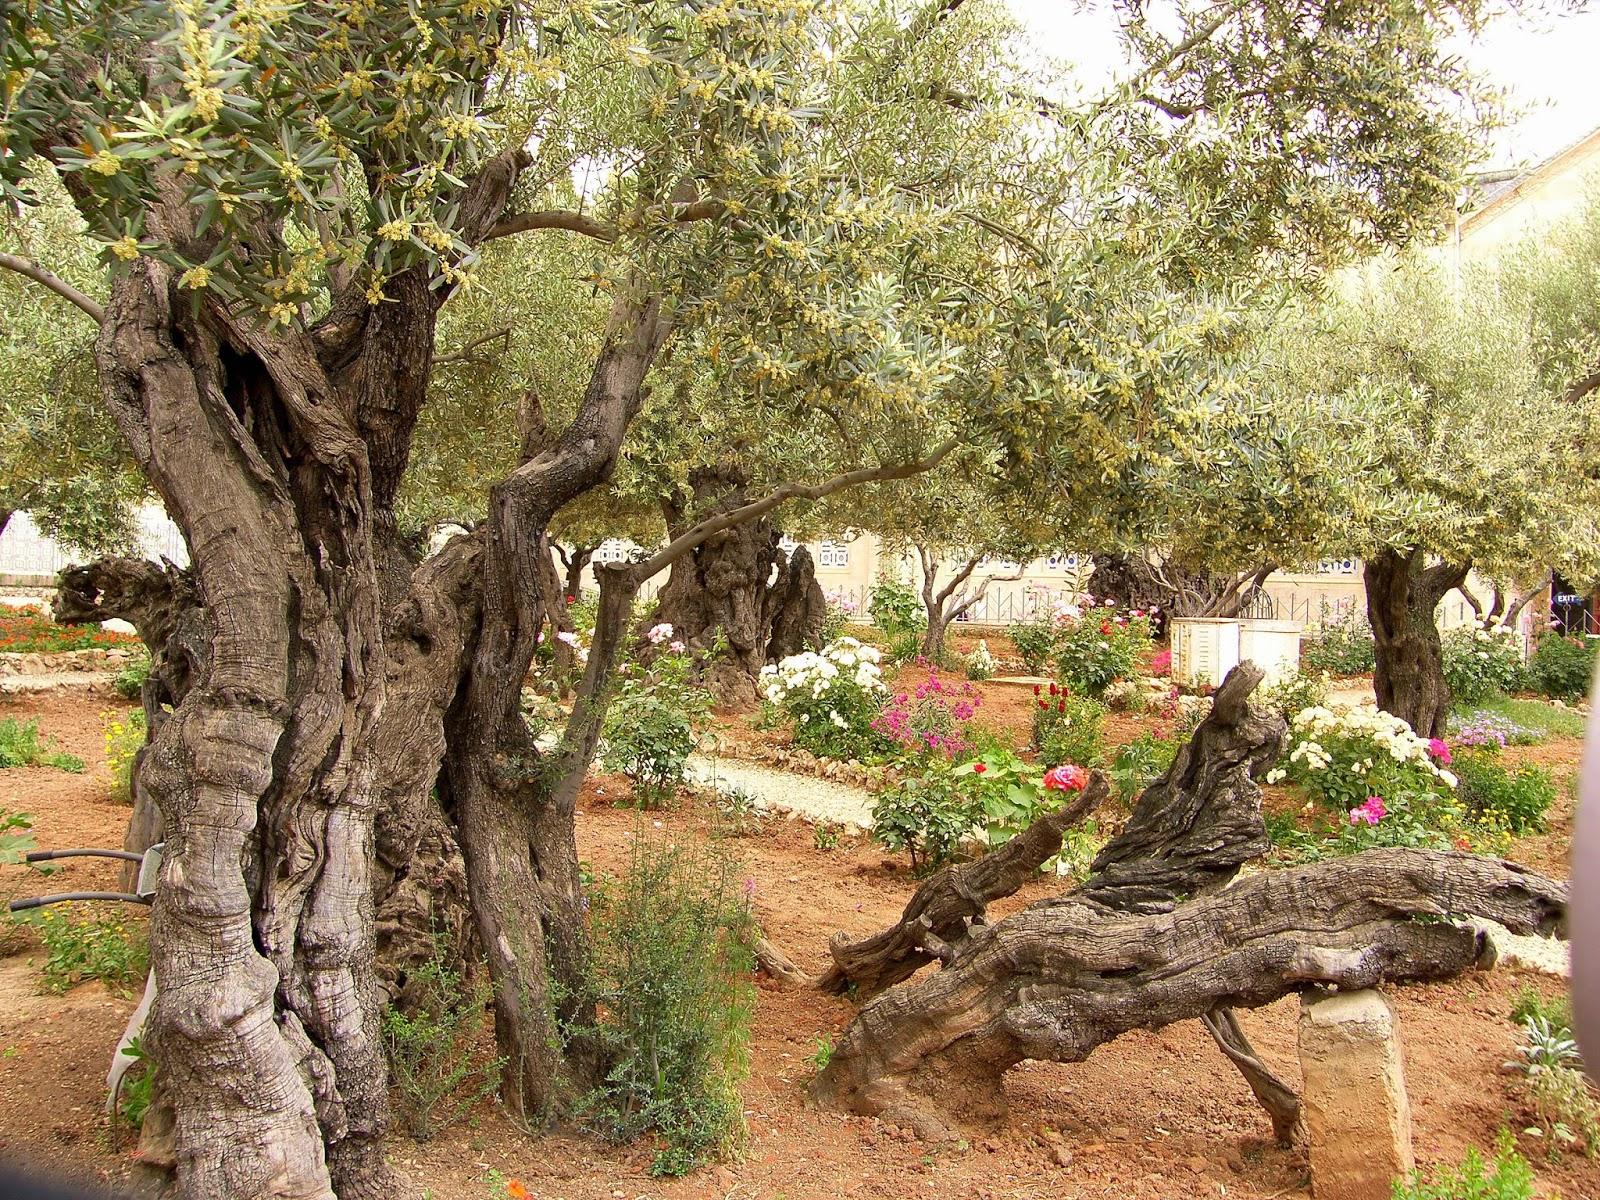 Garden 0f Gethsemane In Israel.